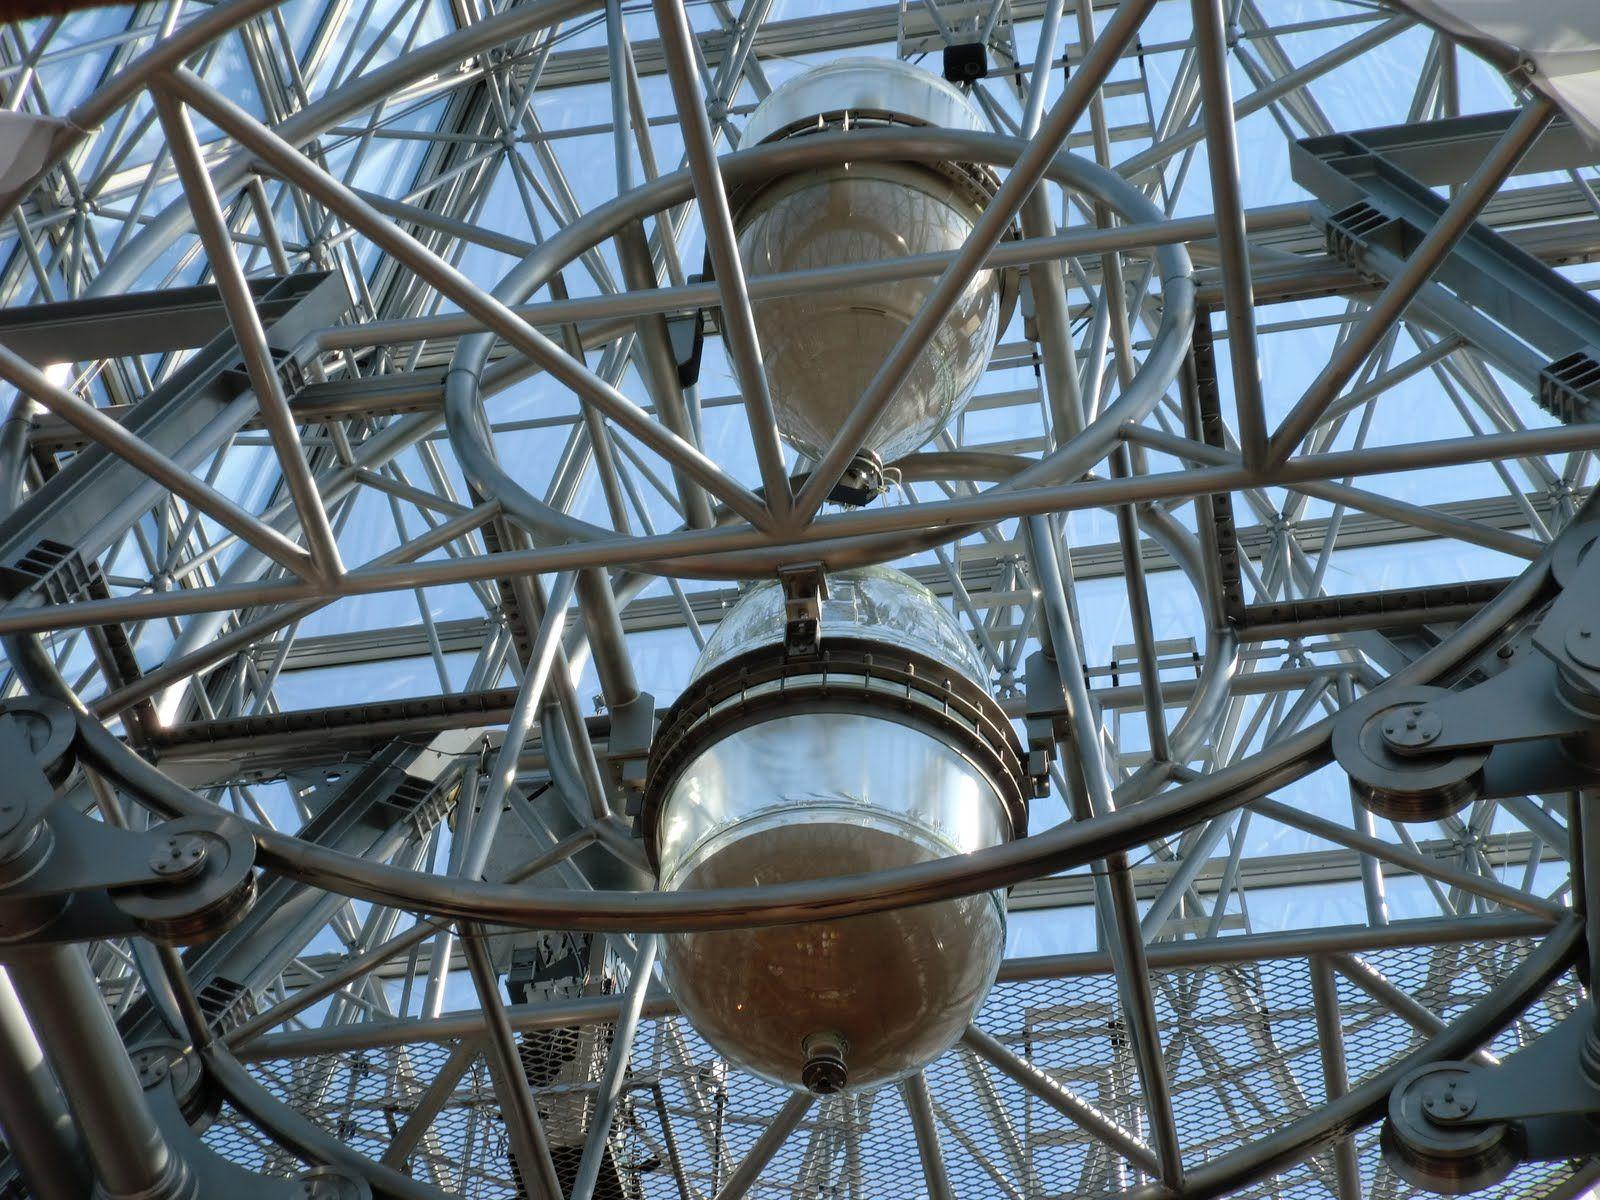 El reloj de arena más grande del mundo